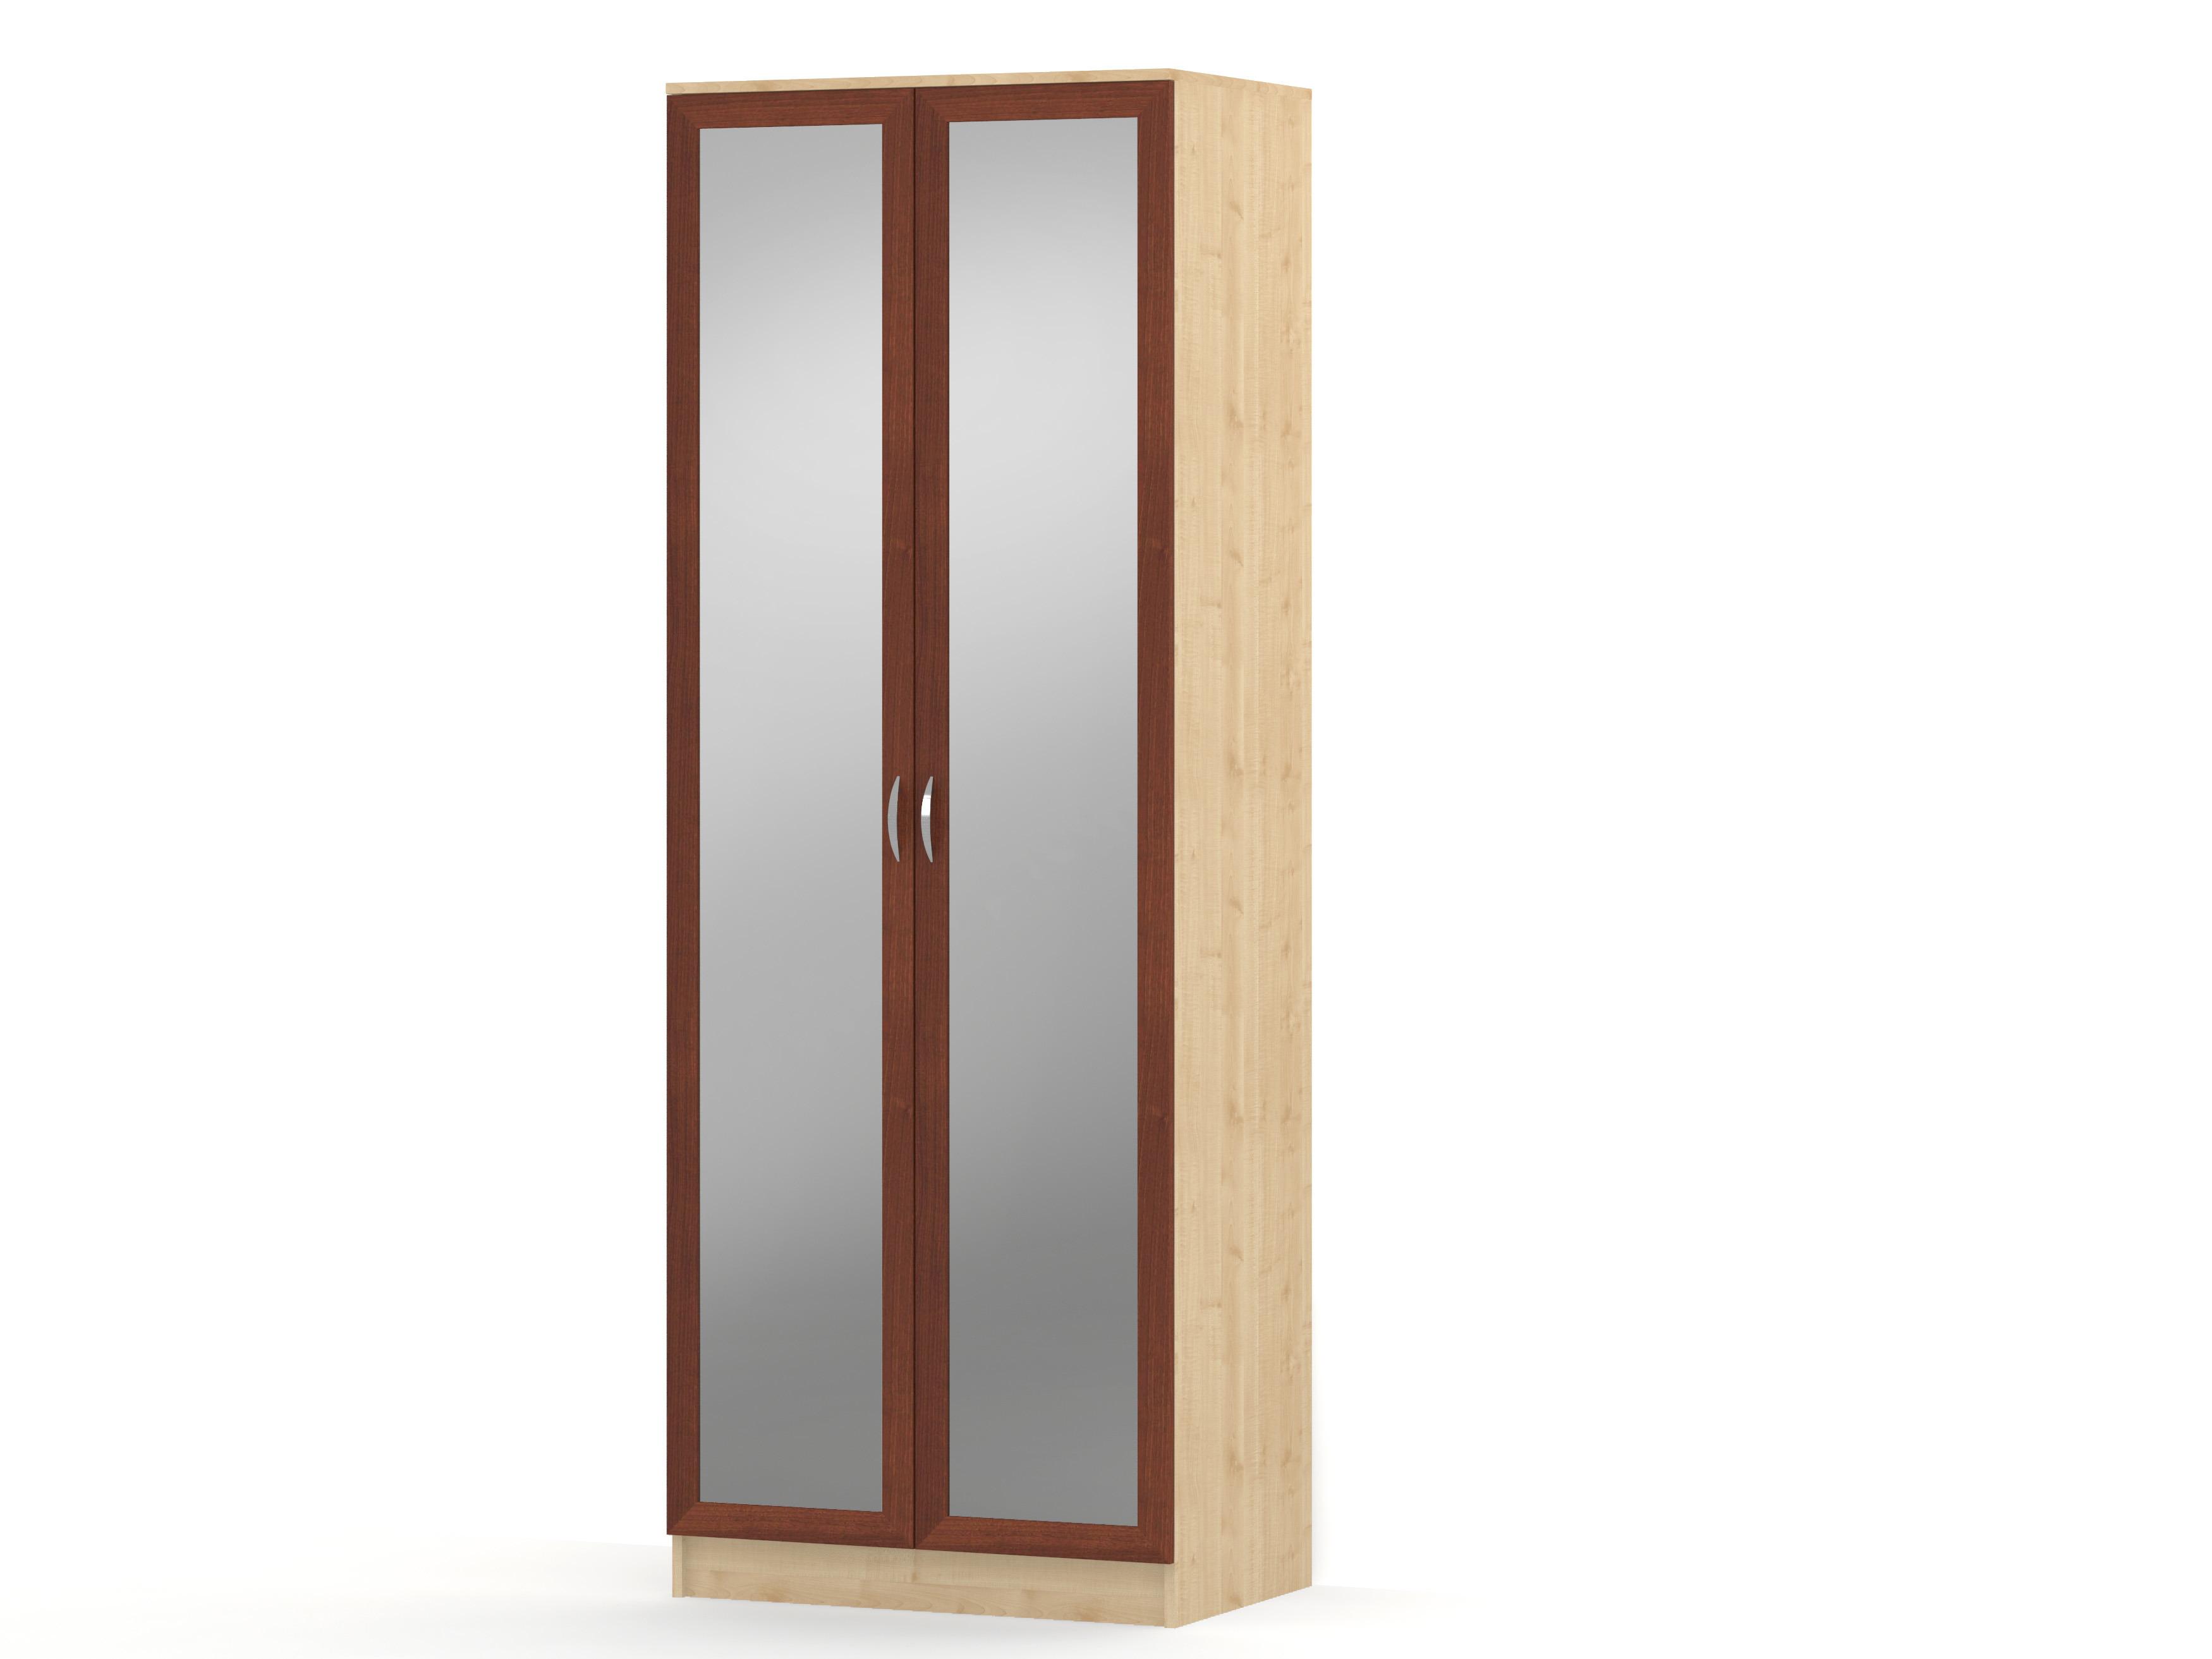 Шкаф распашной 2 двери зеркало (штанга) ГОРИЗОНТ-Р